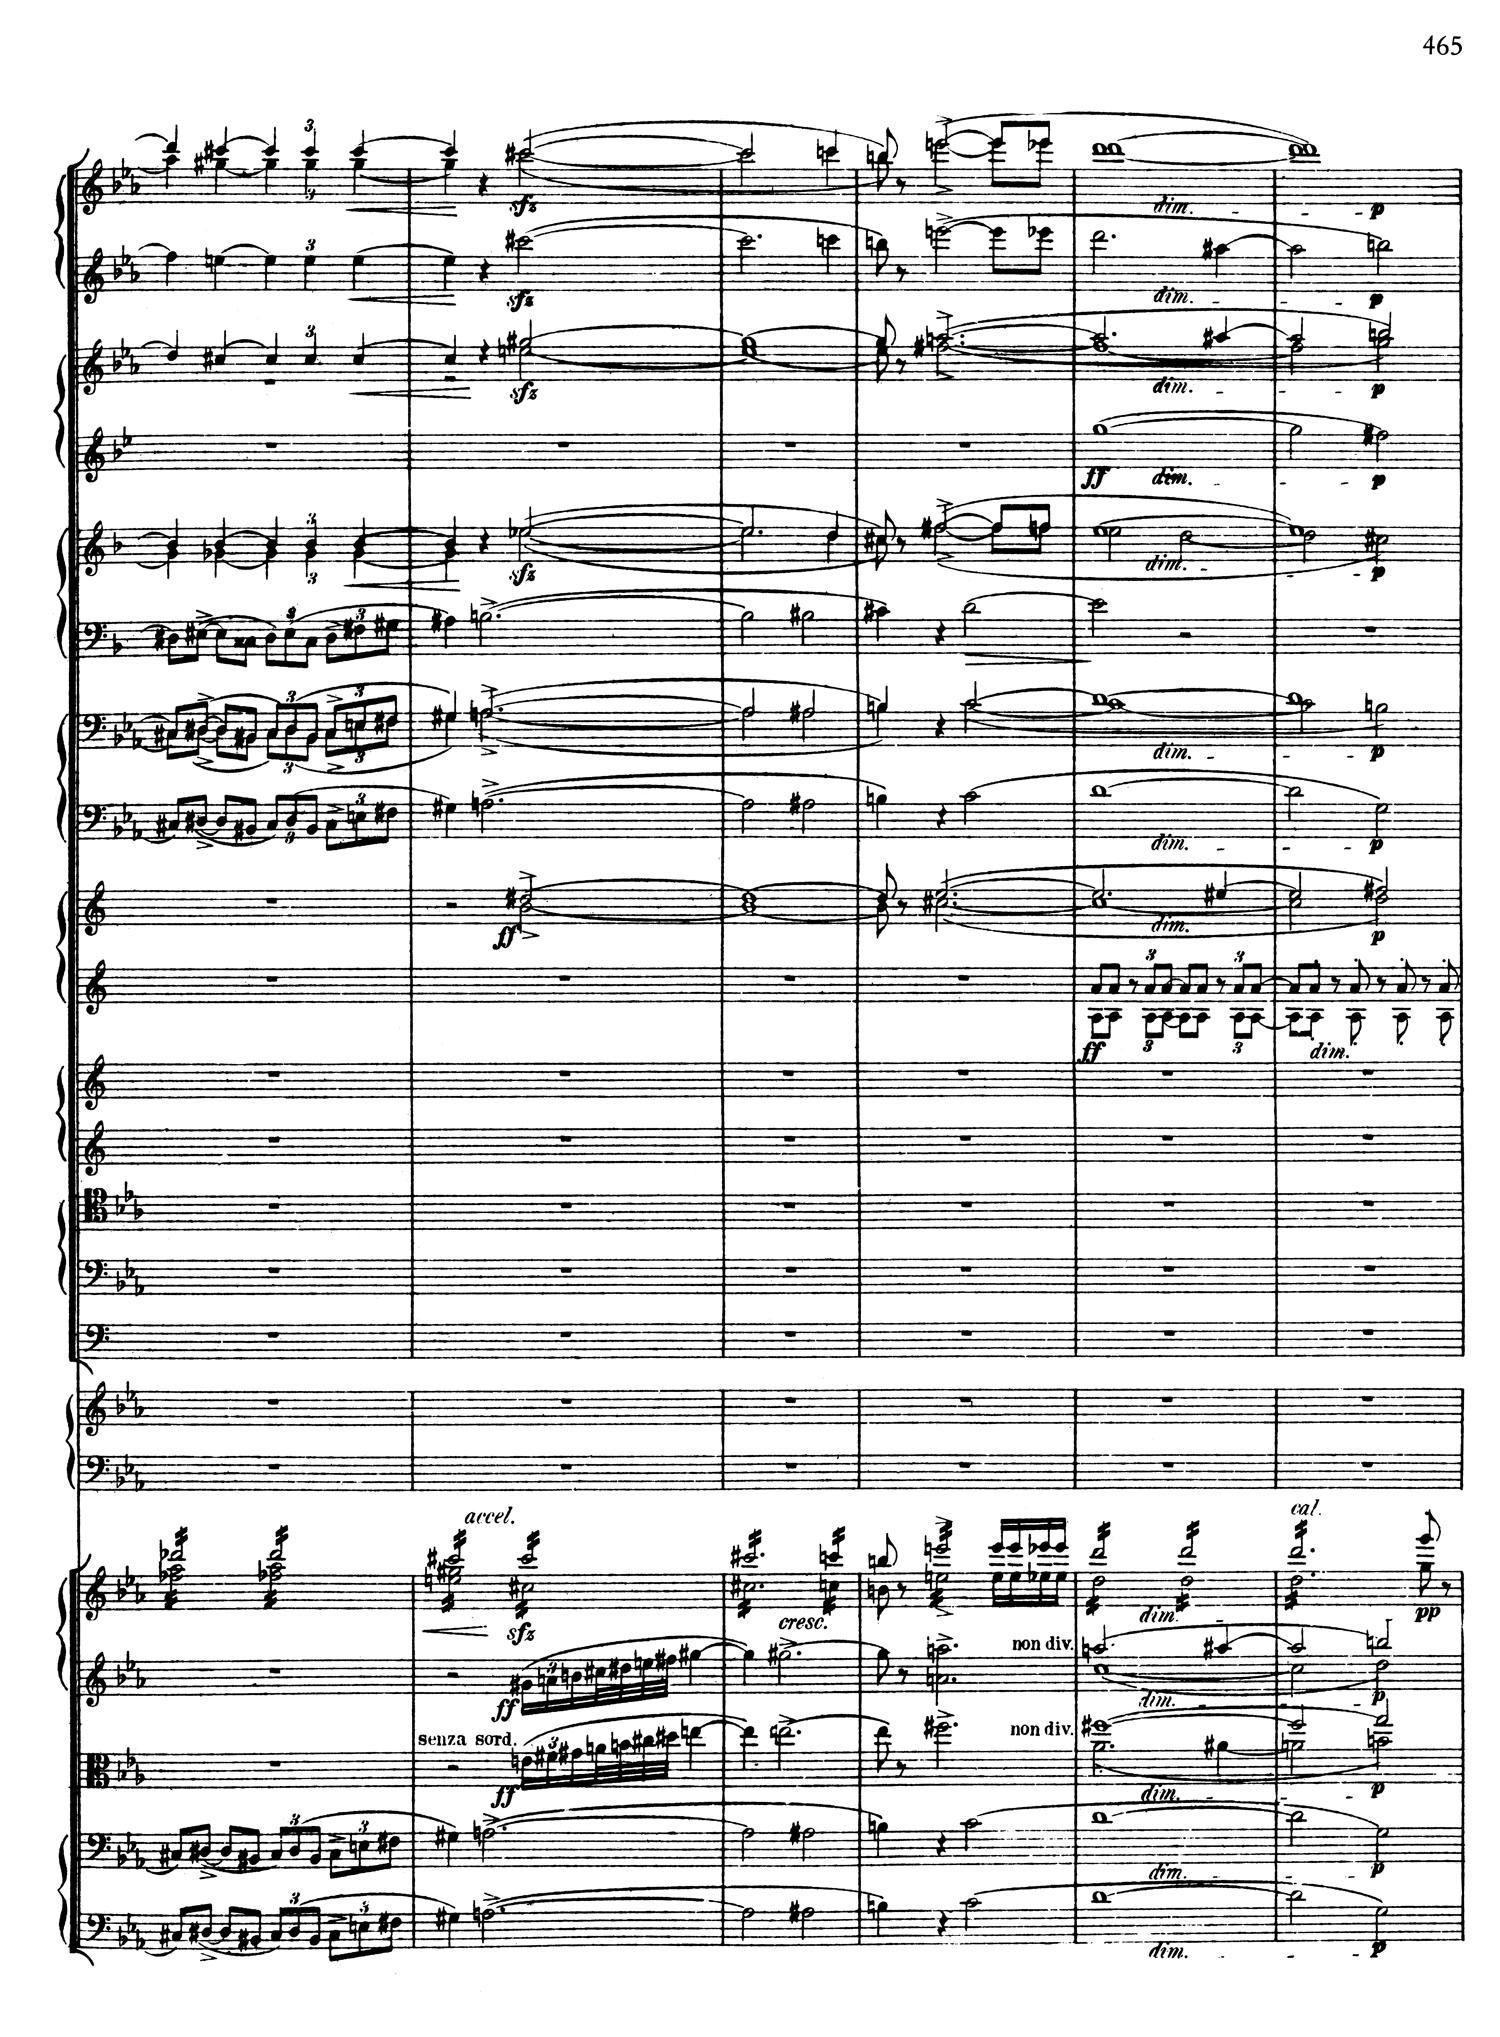 Strauss Death Score 2.jpg